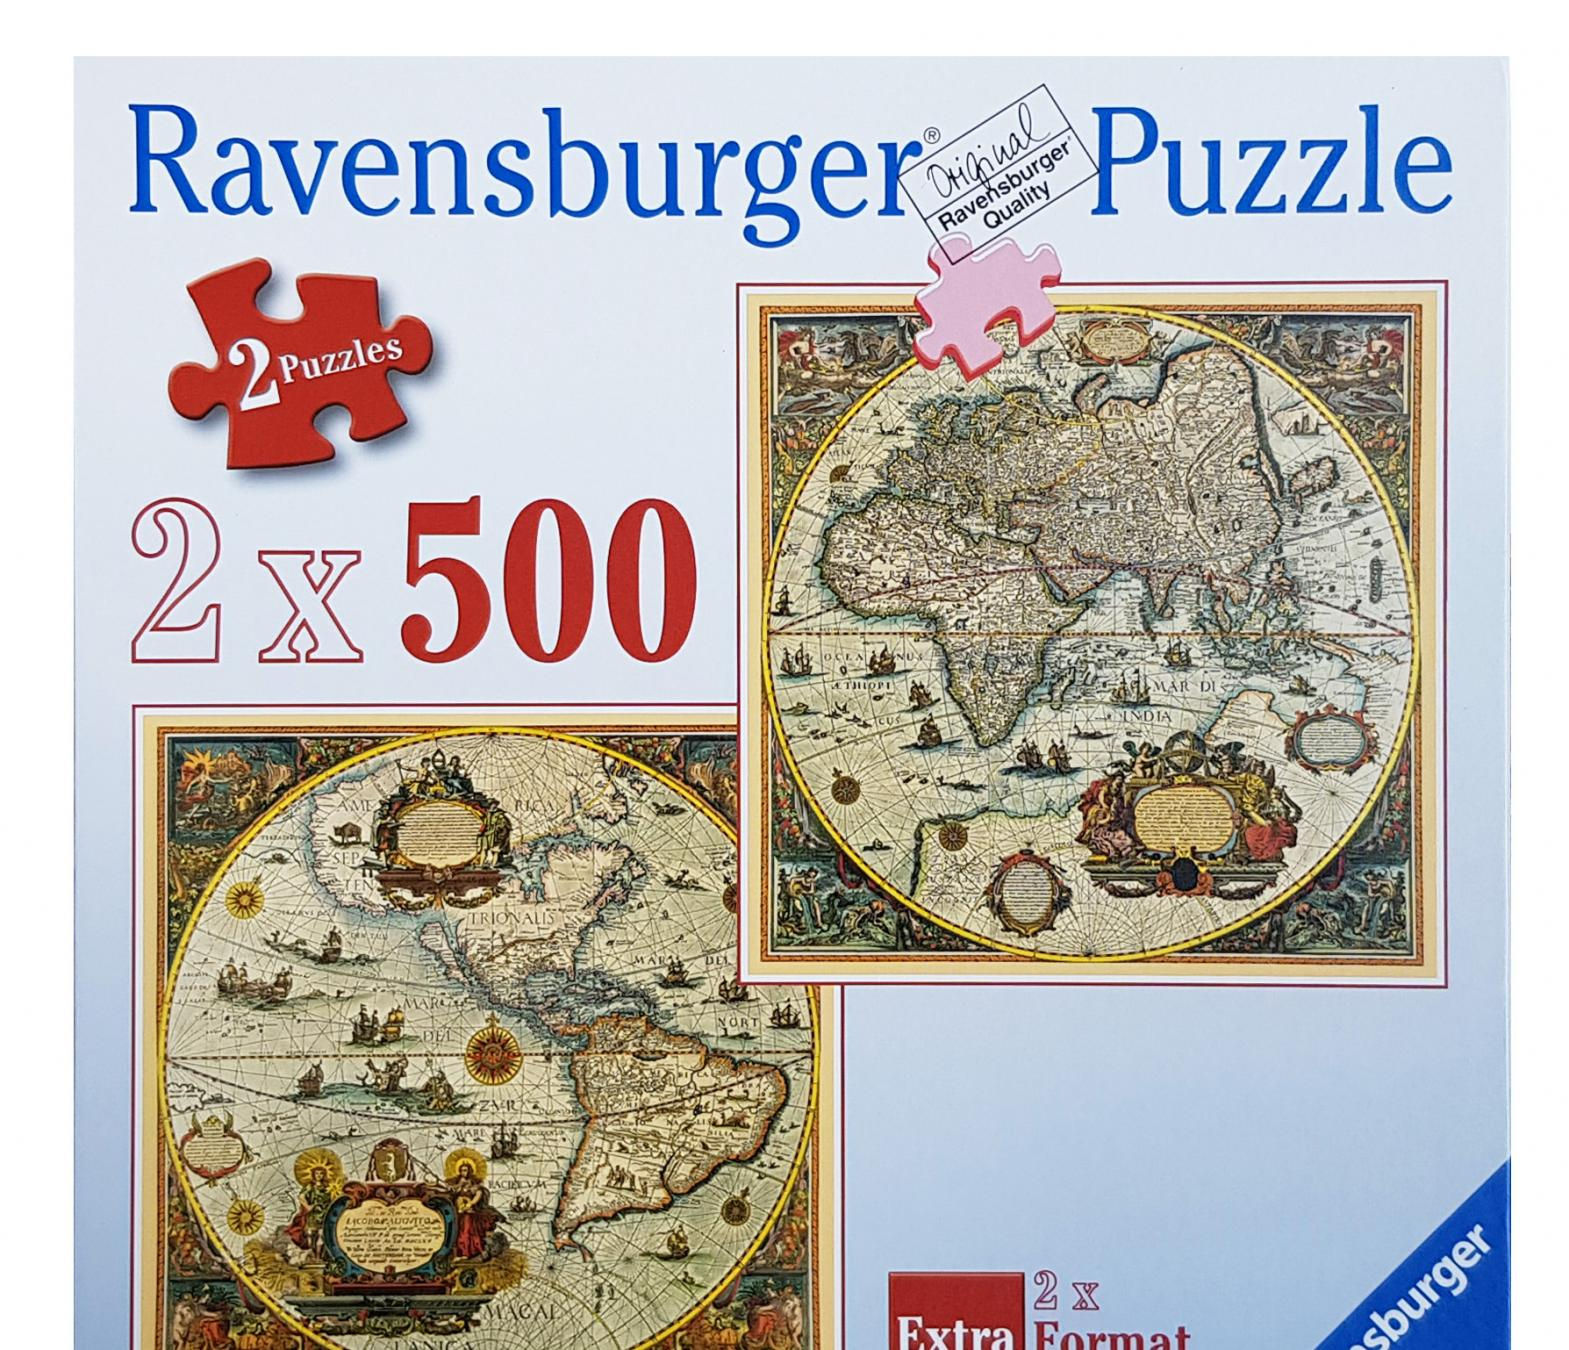 C mh-0073 Ravensburger Box